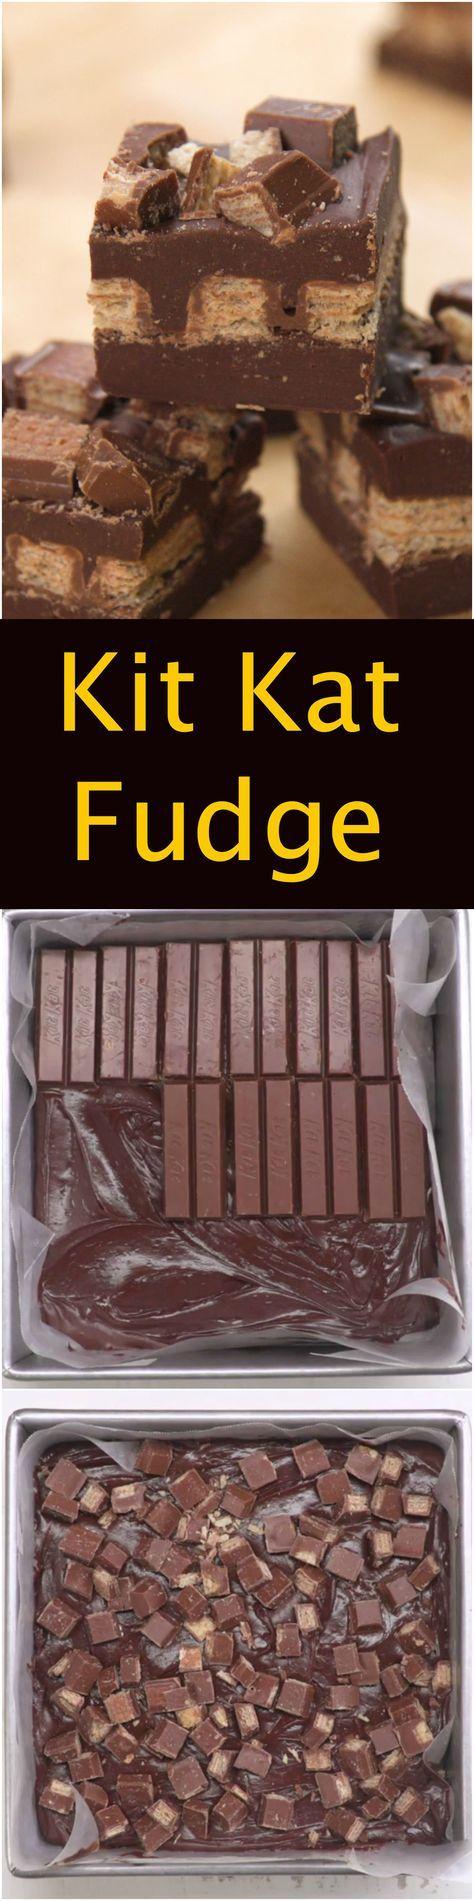 Kit Kat Fudge